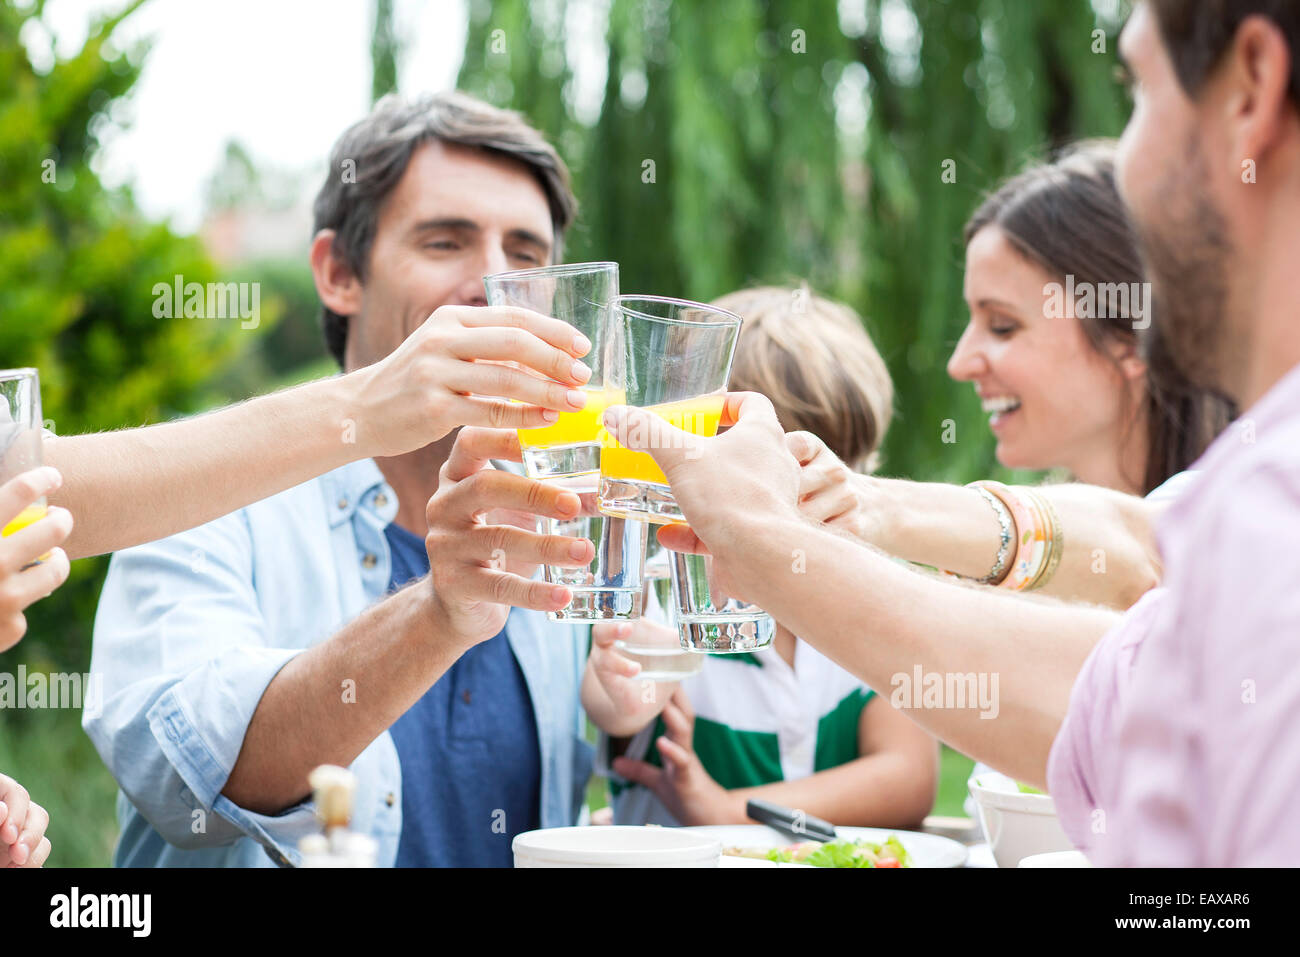 Familie klirrende Gläser bei Outdoor-Treffen Stockbild